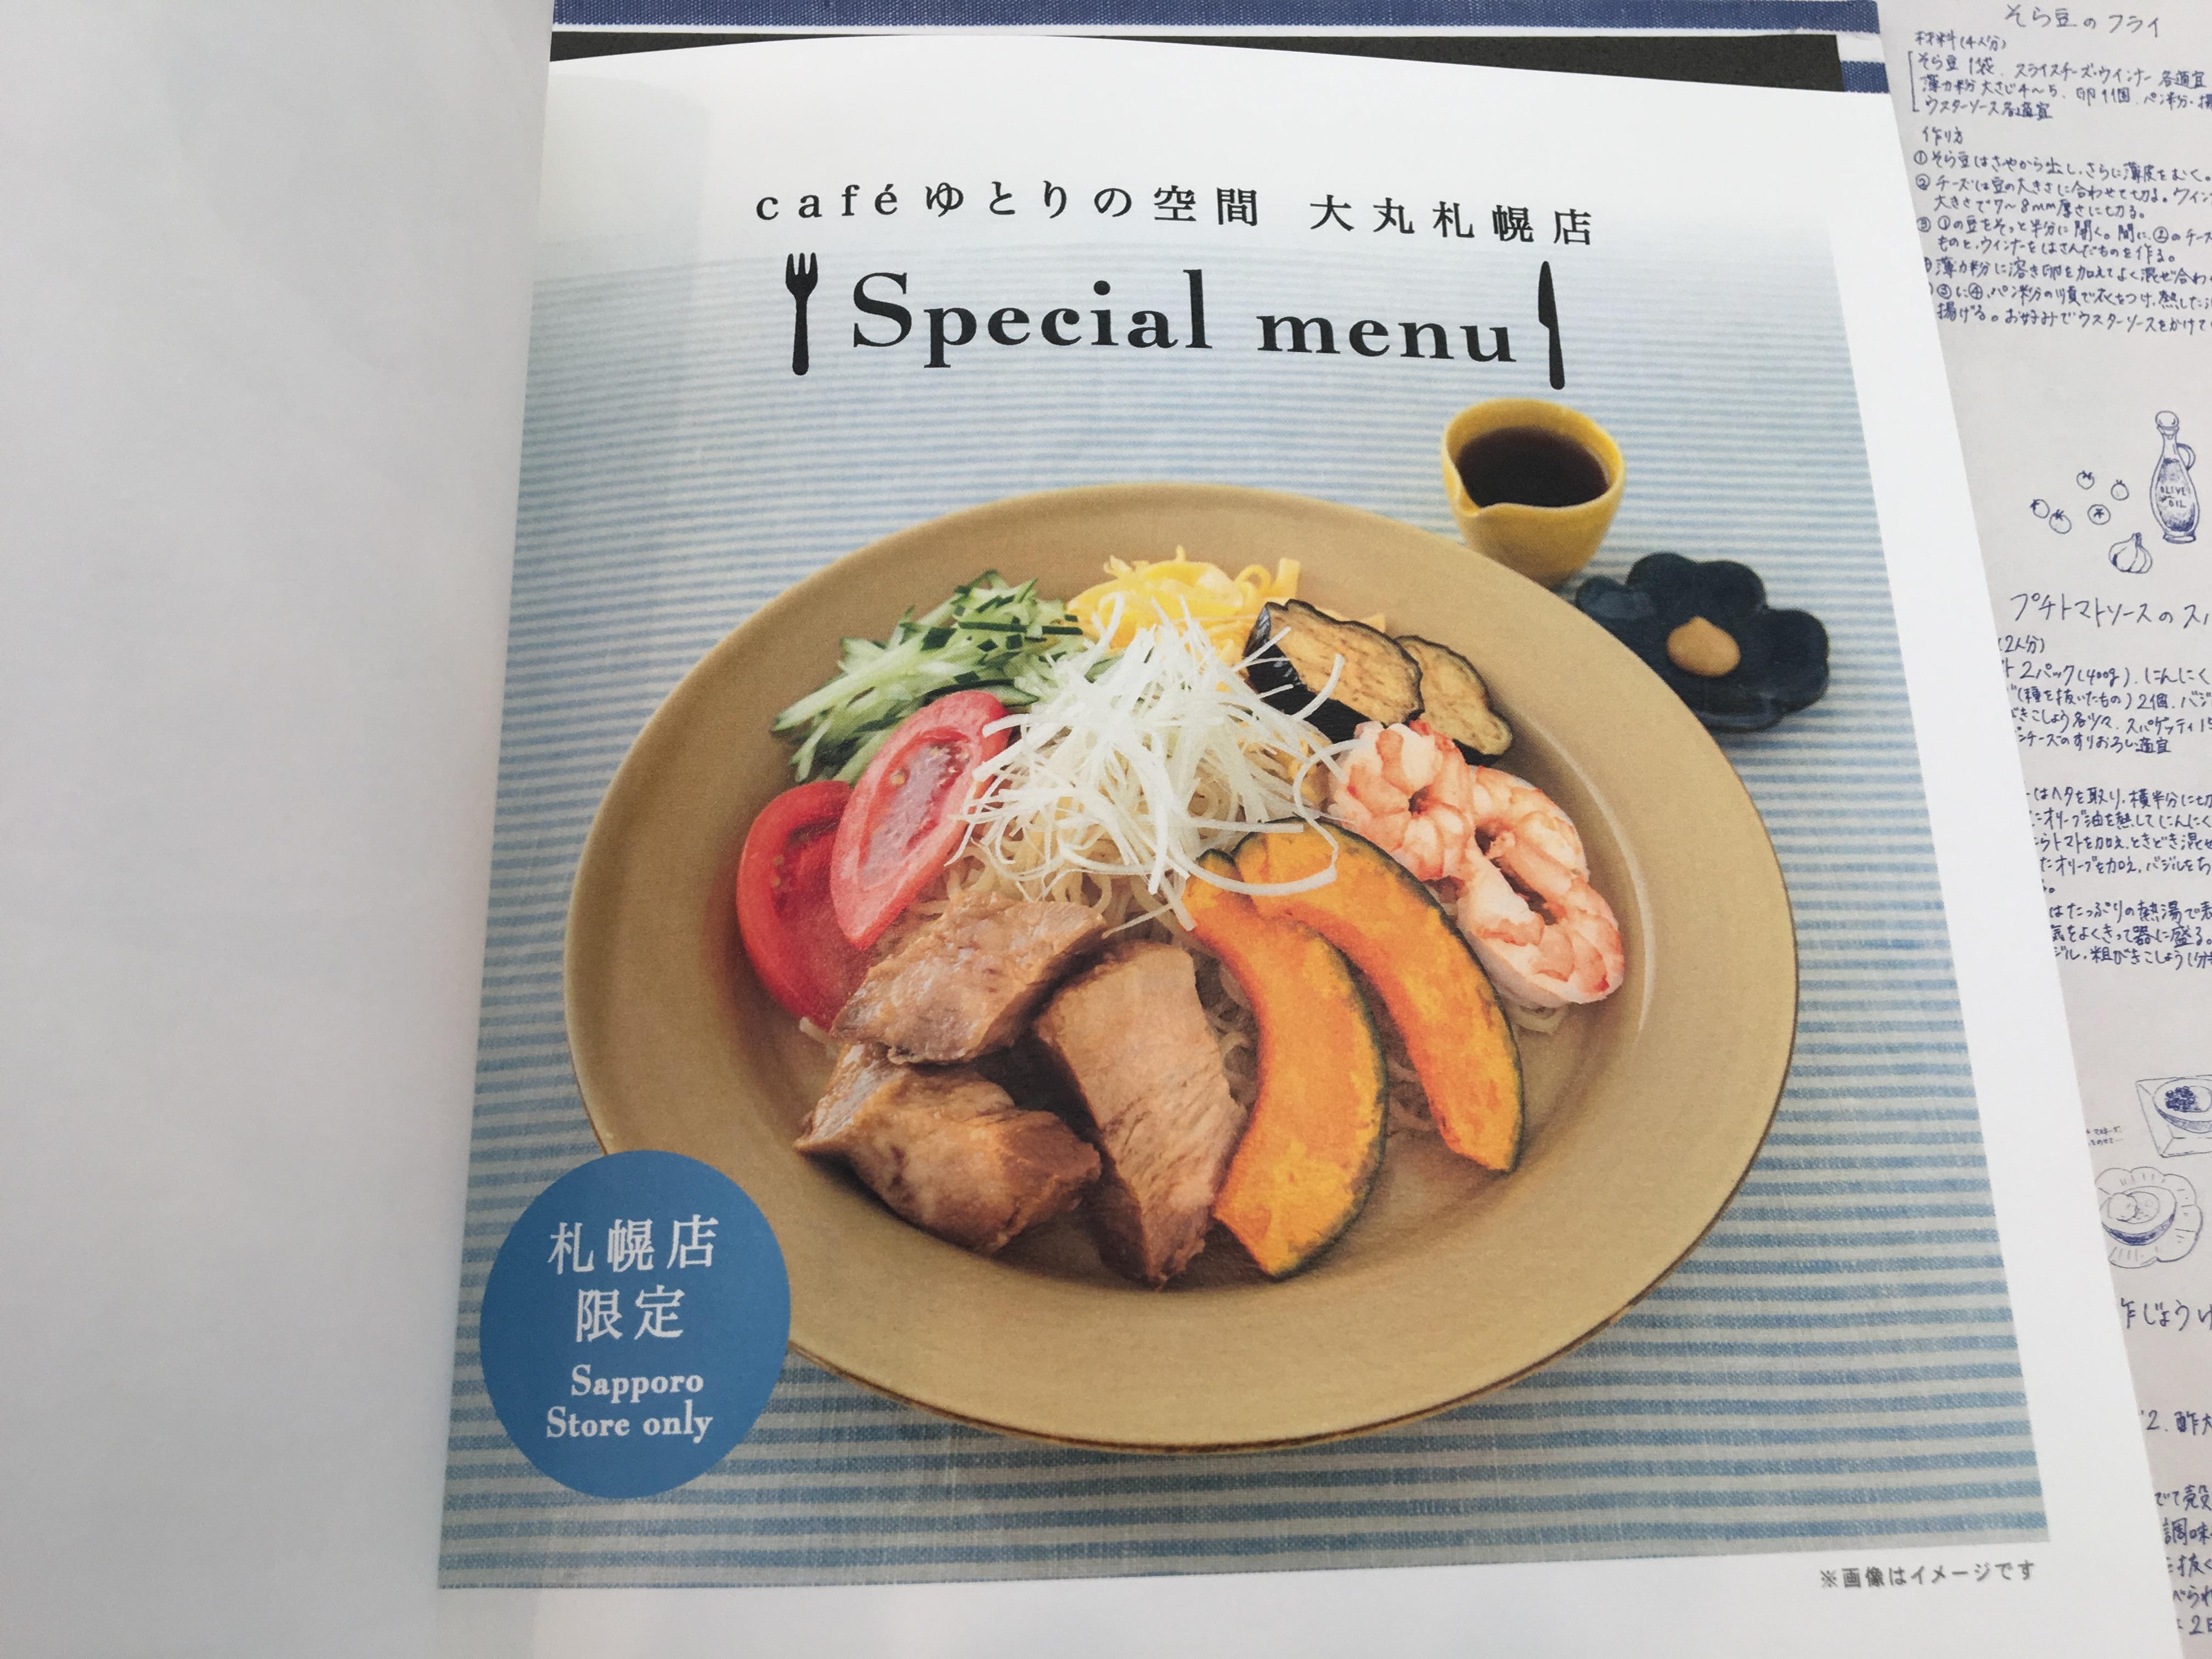 カフェ ゆとりの空間 大丸札幌店の札幌限定ごちそう冷やし中華のメニュー